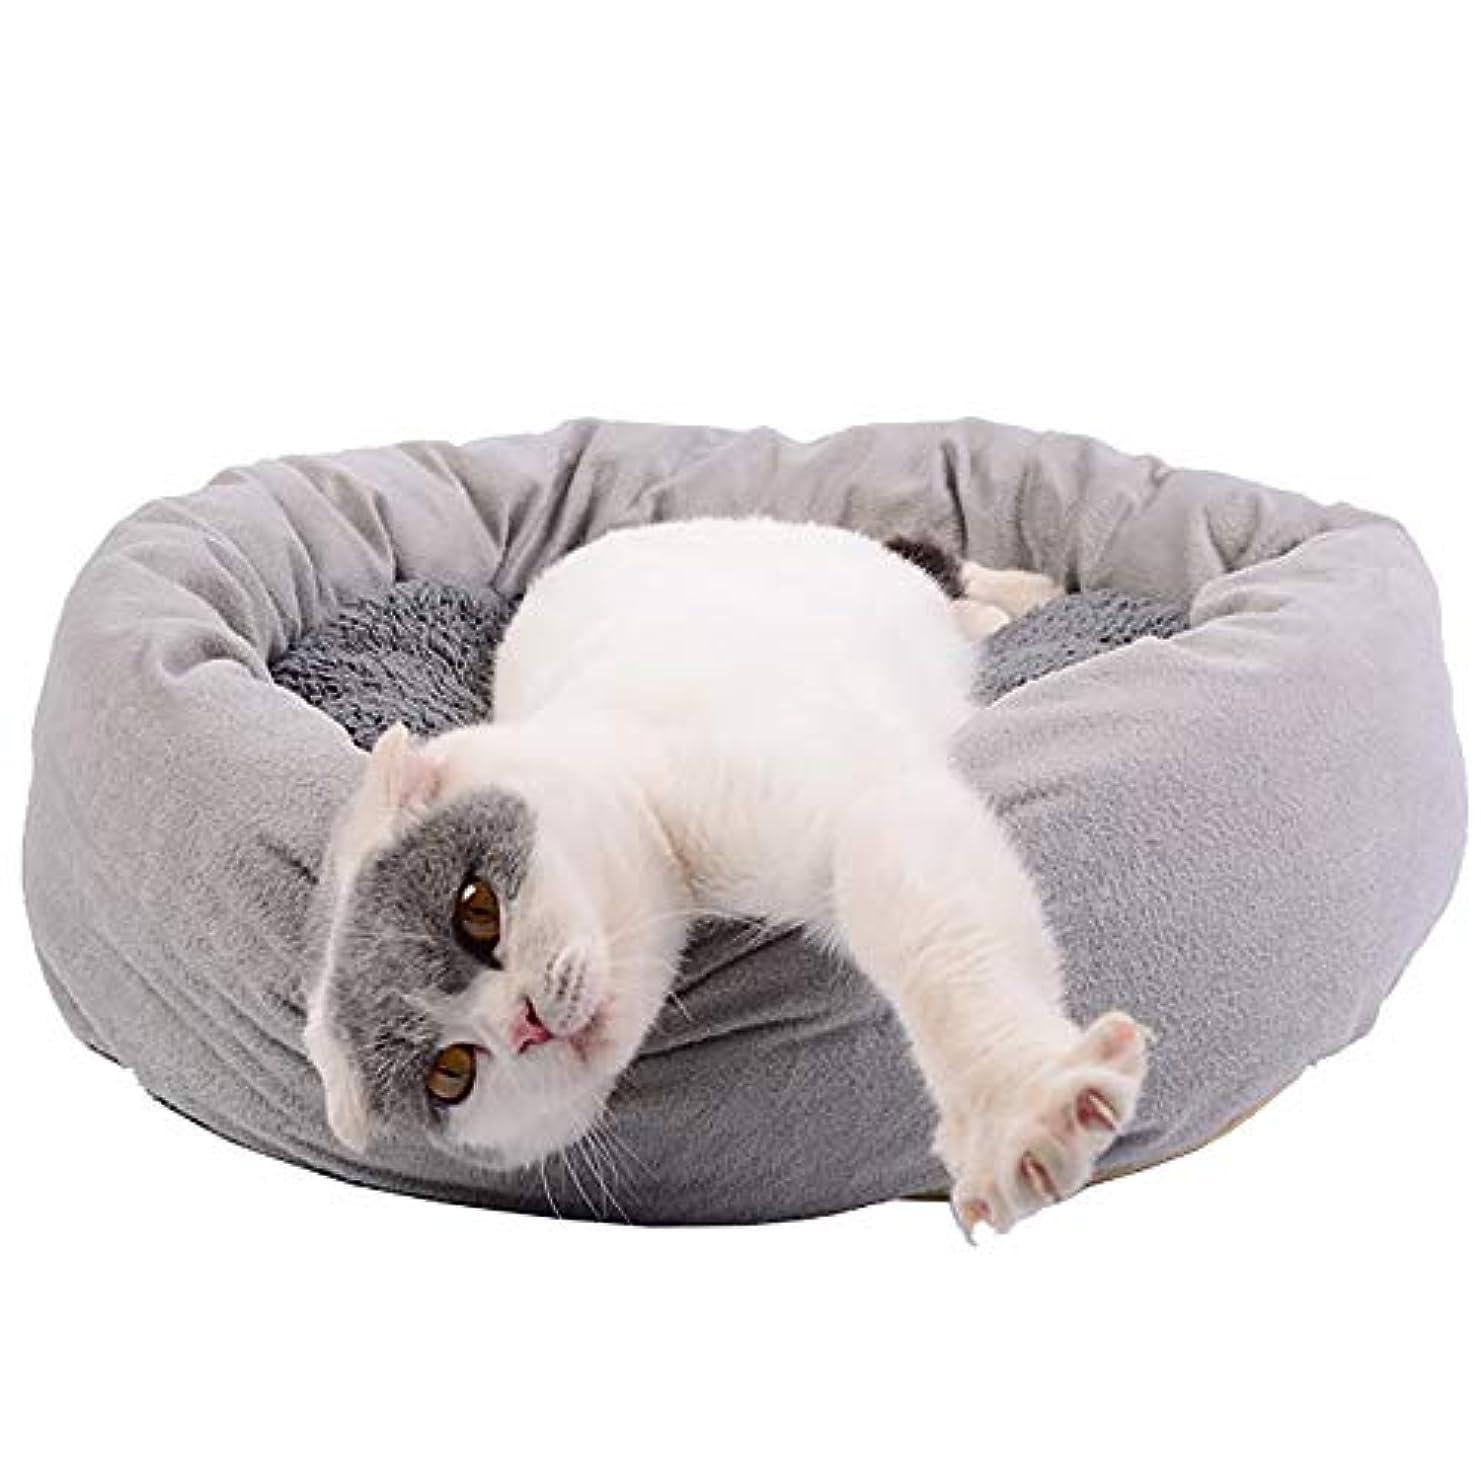 ディレクトリ永遠に津波猫と小型犬用のデラックスペットベッド柔らかいクッションラウンドまたは楕円形のドーナツの入れ子になった洞窟ベッドを備えたカドラー直径55cmの猫と小型犬用のペット猫用ベッド、グレー